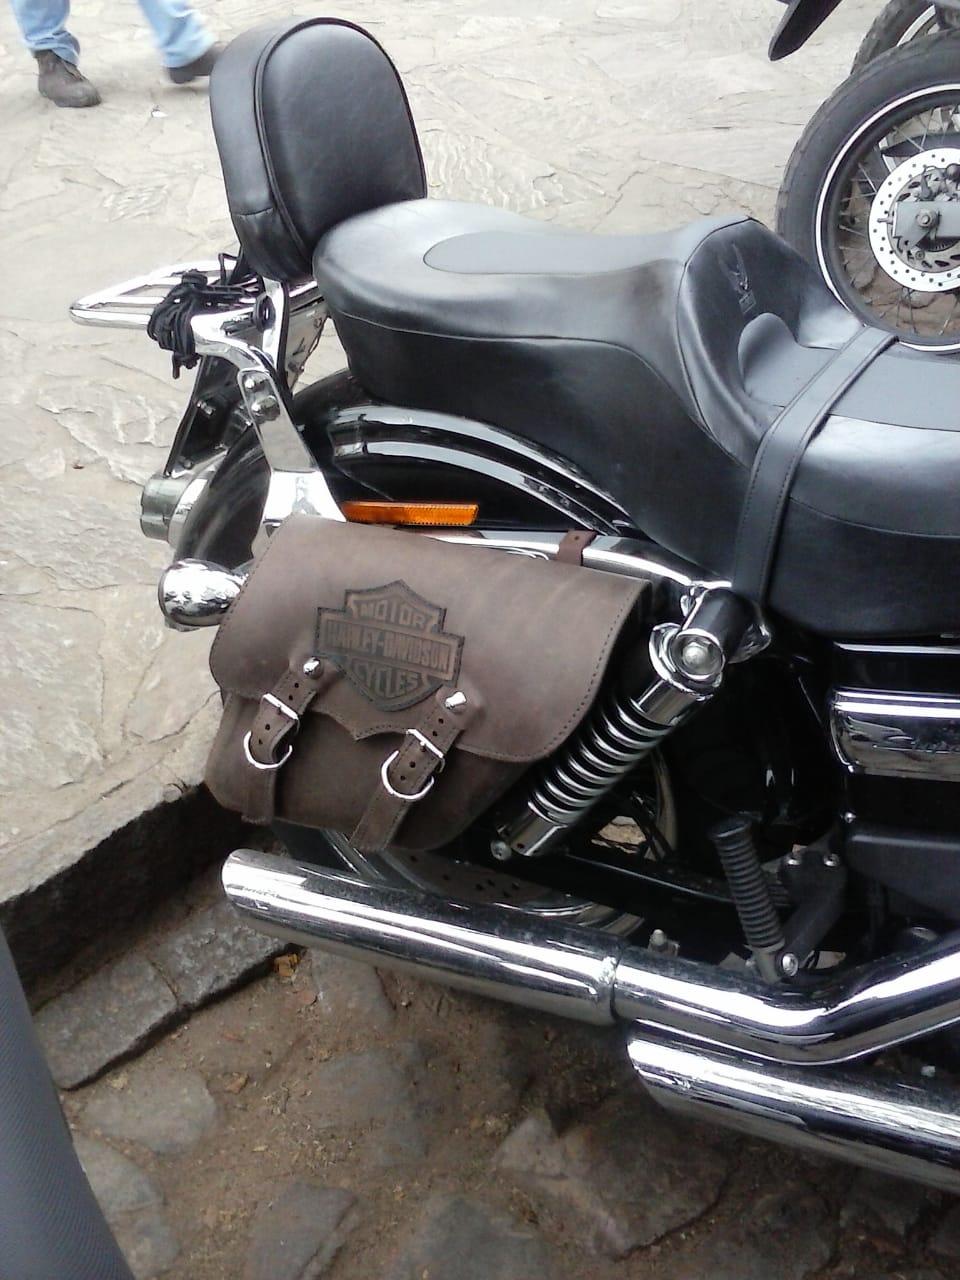 Alforges / Bolsas Laterais (PAR) Rider's Classic em Couro com Gravação Modelo Dyna - Universal